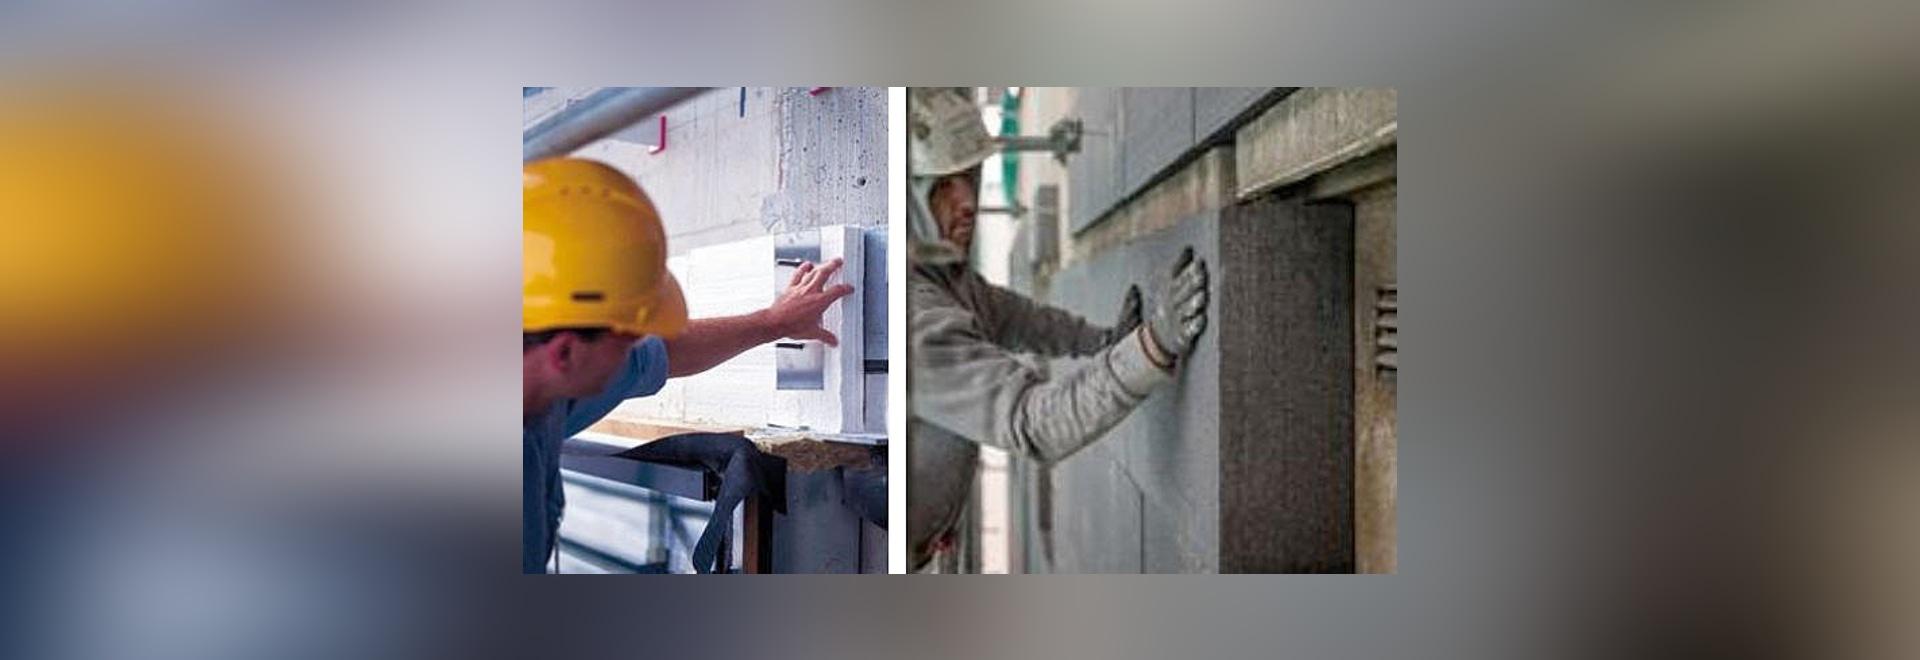 Panneaux isolants contenant des aérogels de silice